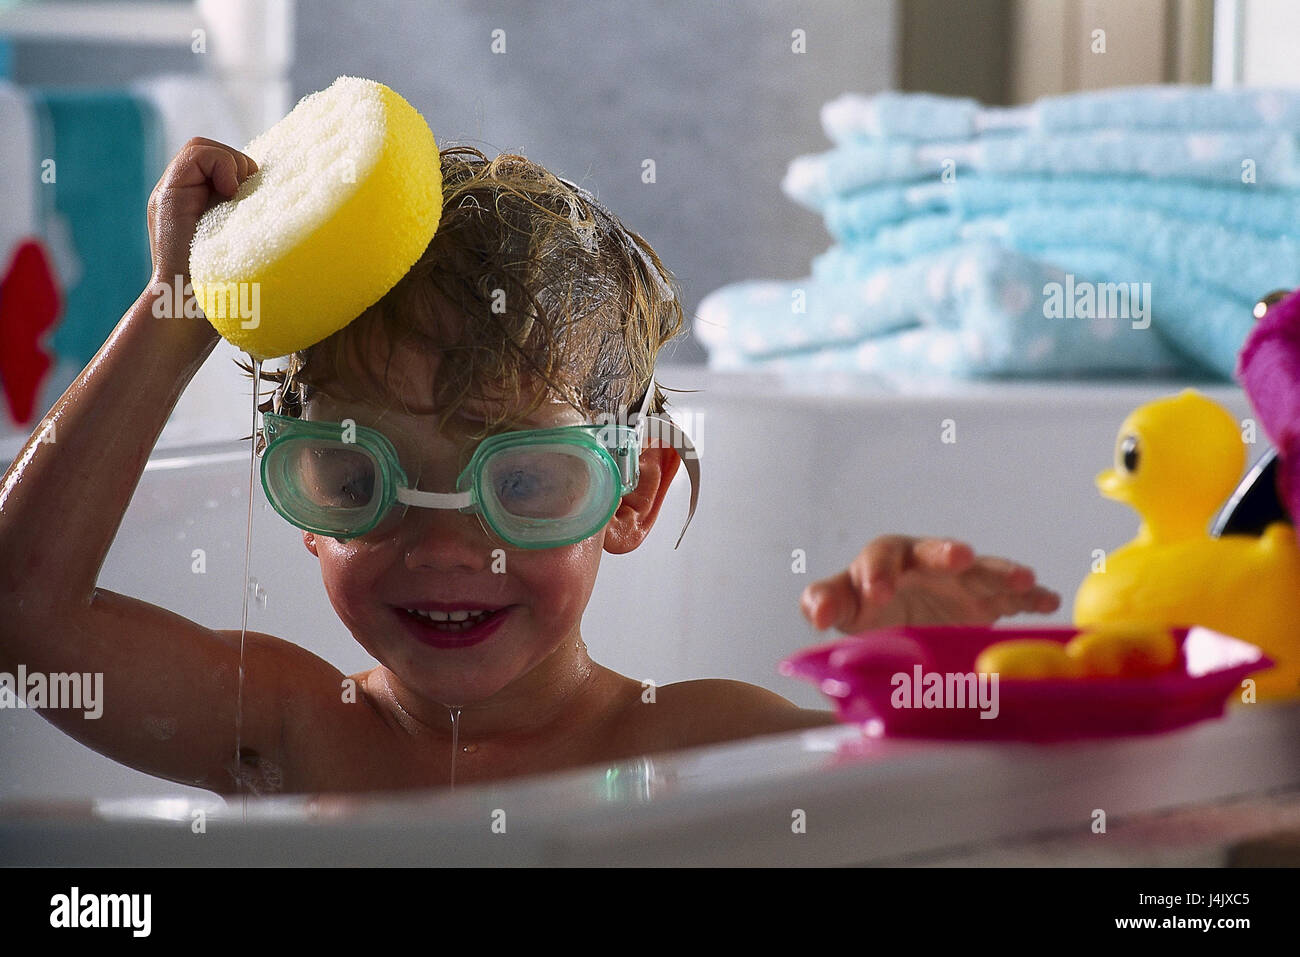 Bad Boy Taucher Brille Bad Pilz Spaß innen zu Hause